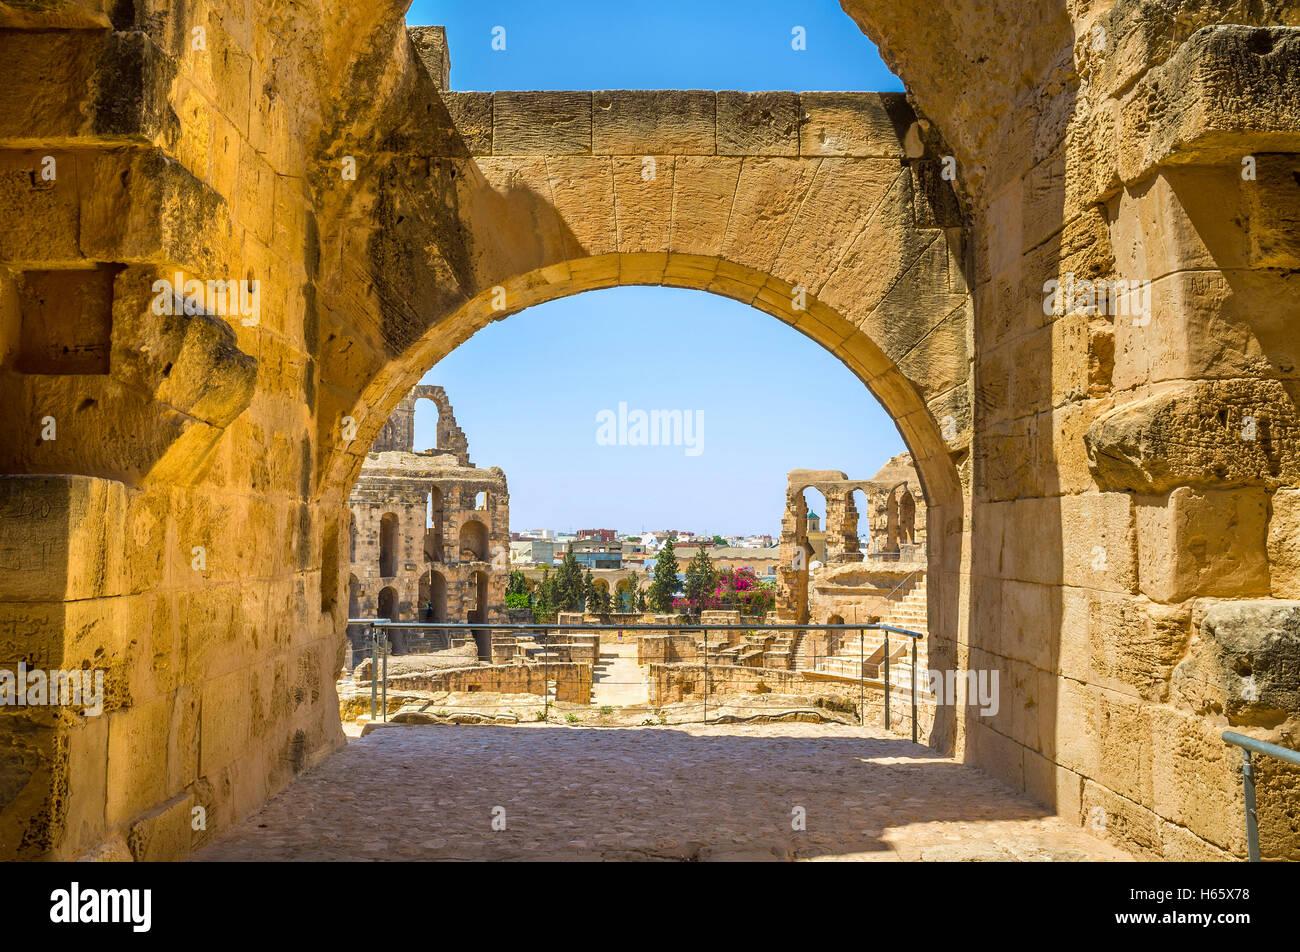 La vista sulle rovine romane di anfiteatro attraverso l arco della sua hall di El Jem, Tunisia. Immagini Stock